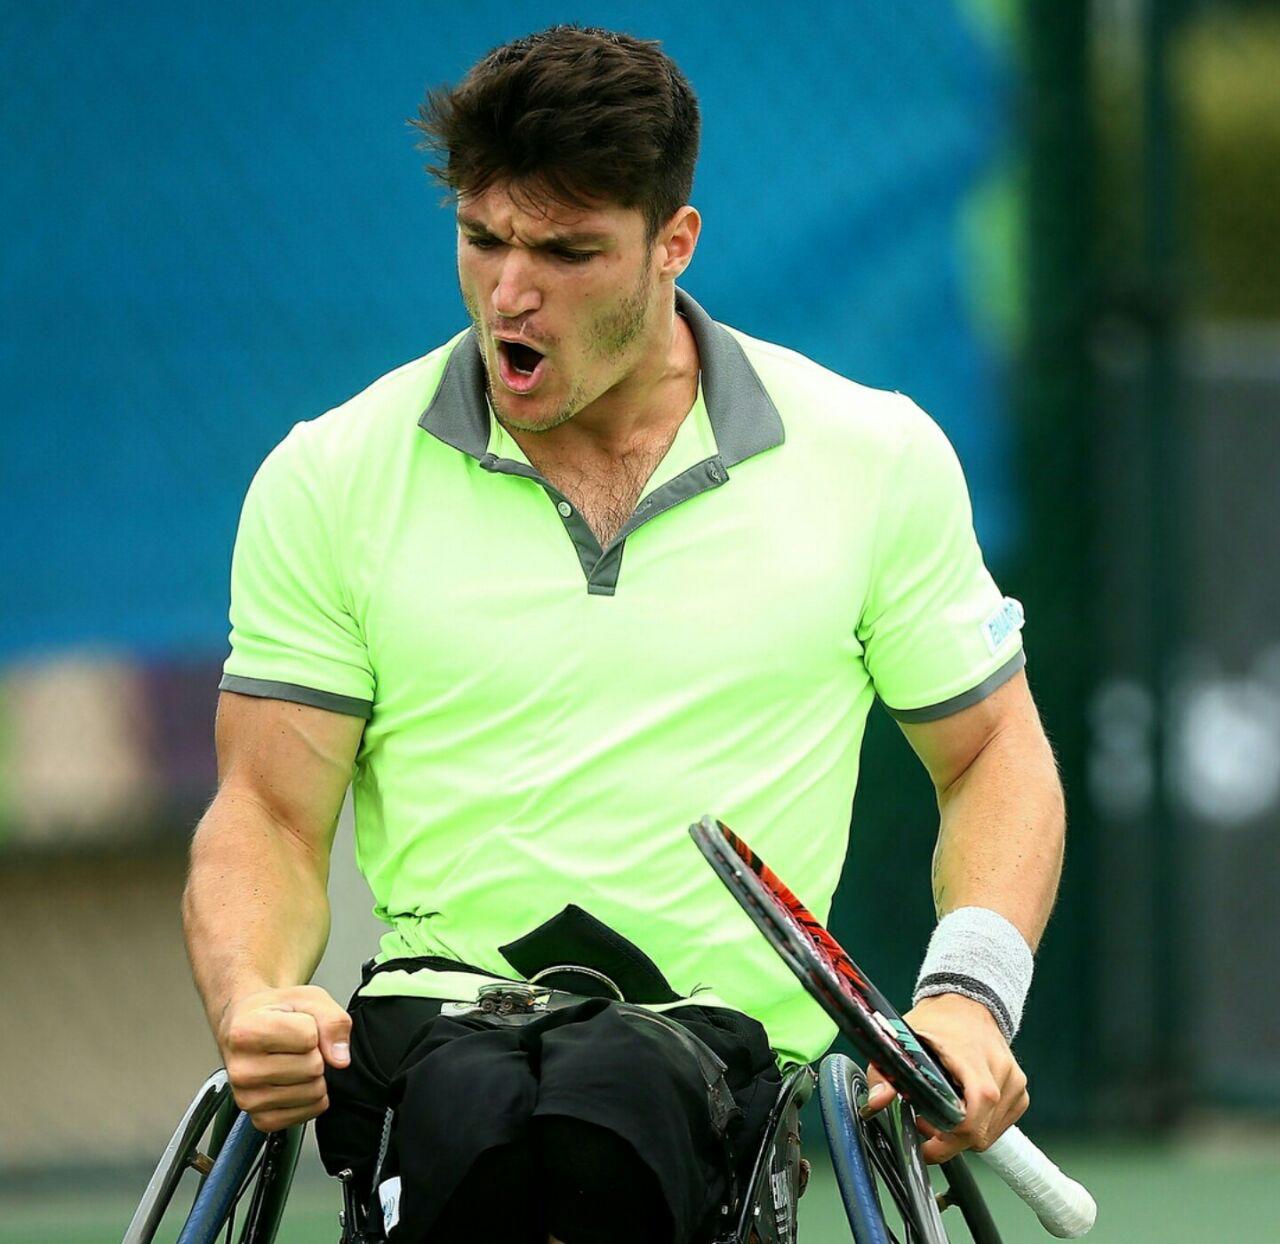 Tenis adaptado: Gustavo Fernández, finalista del dobles en el British Open